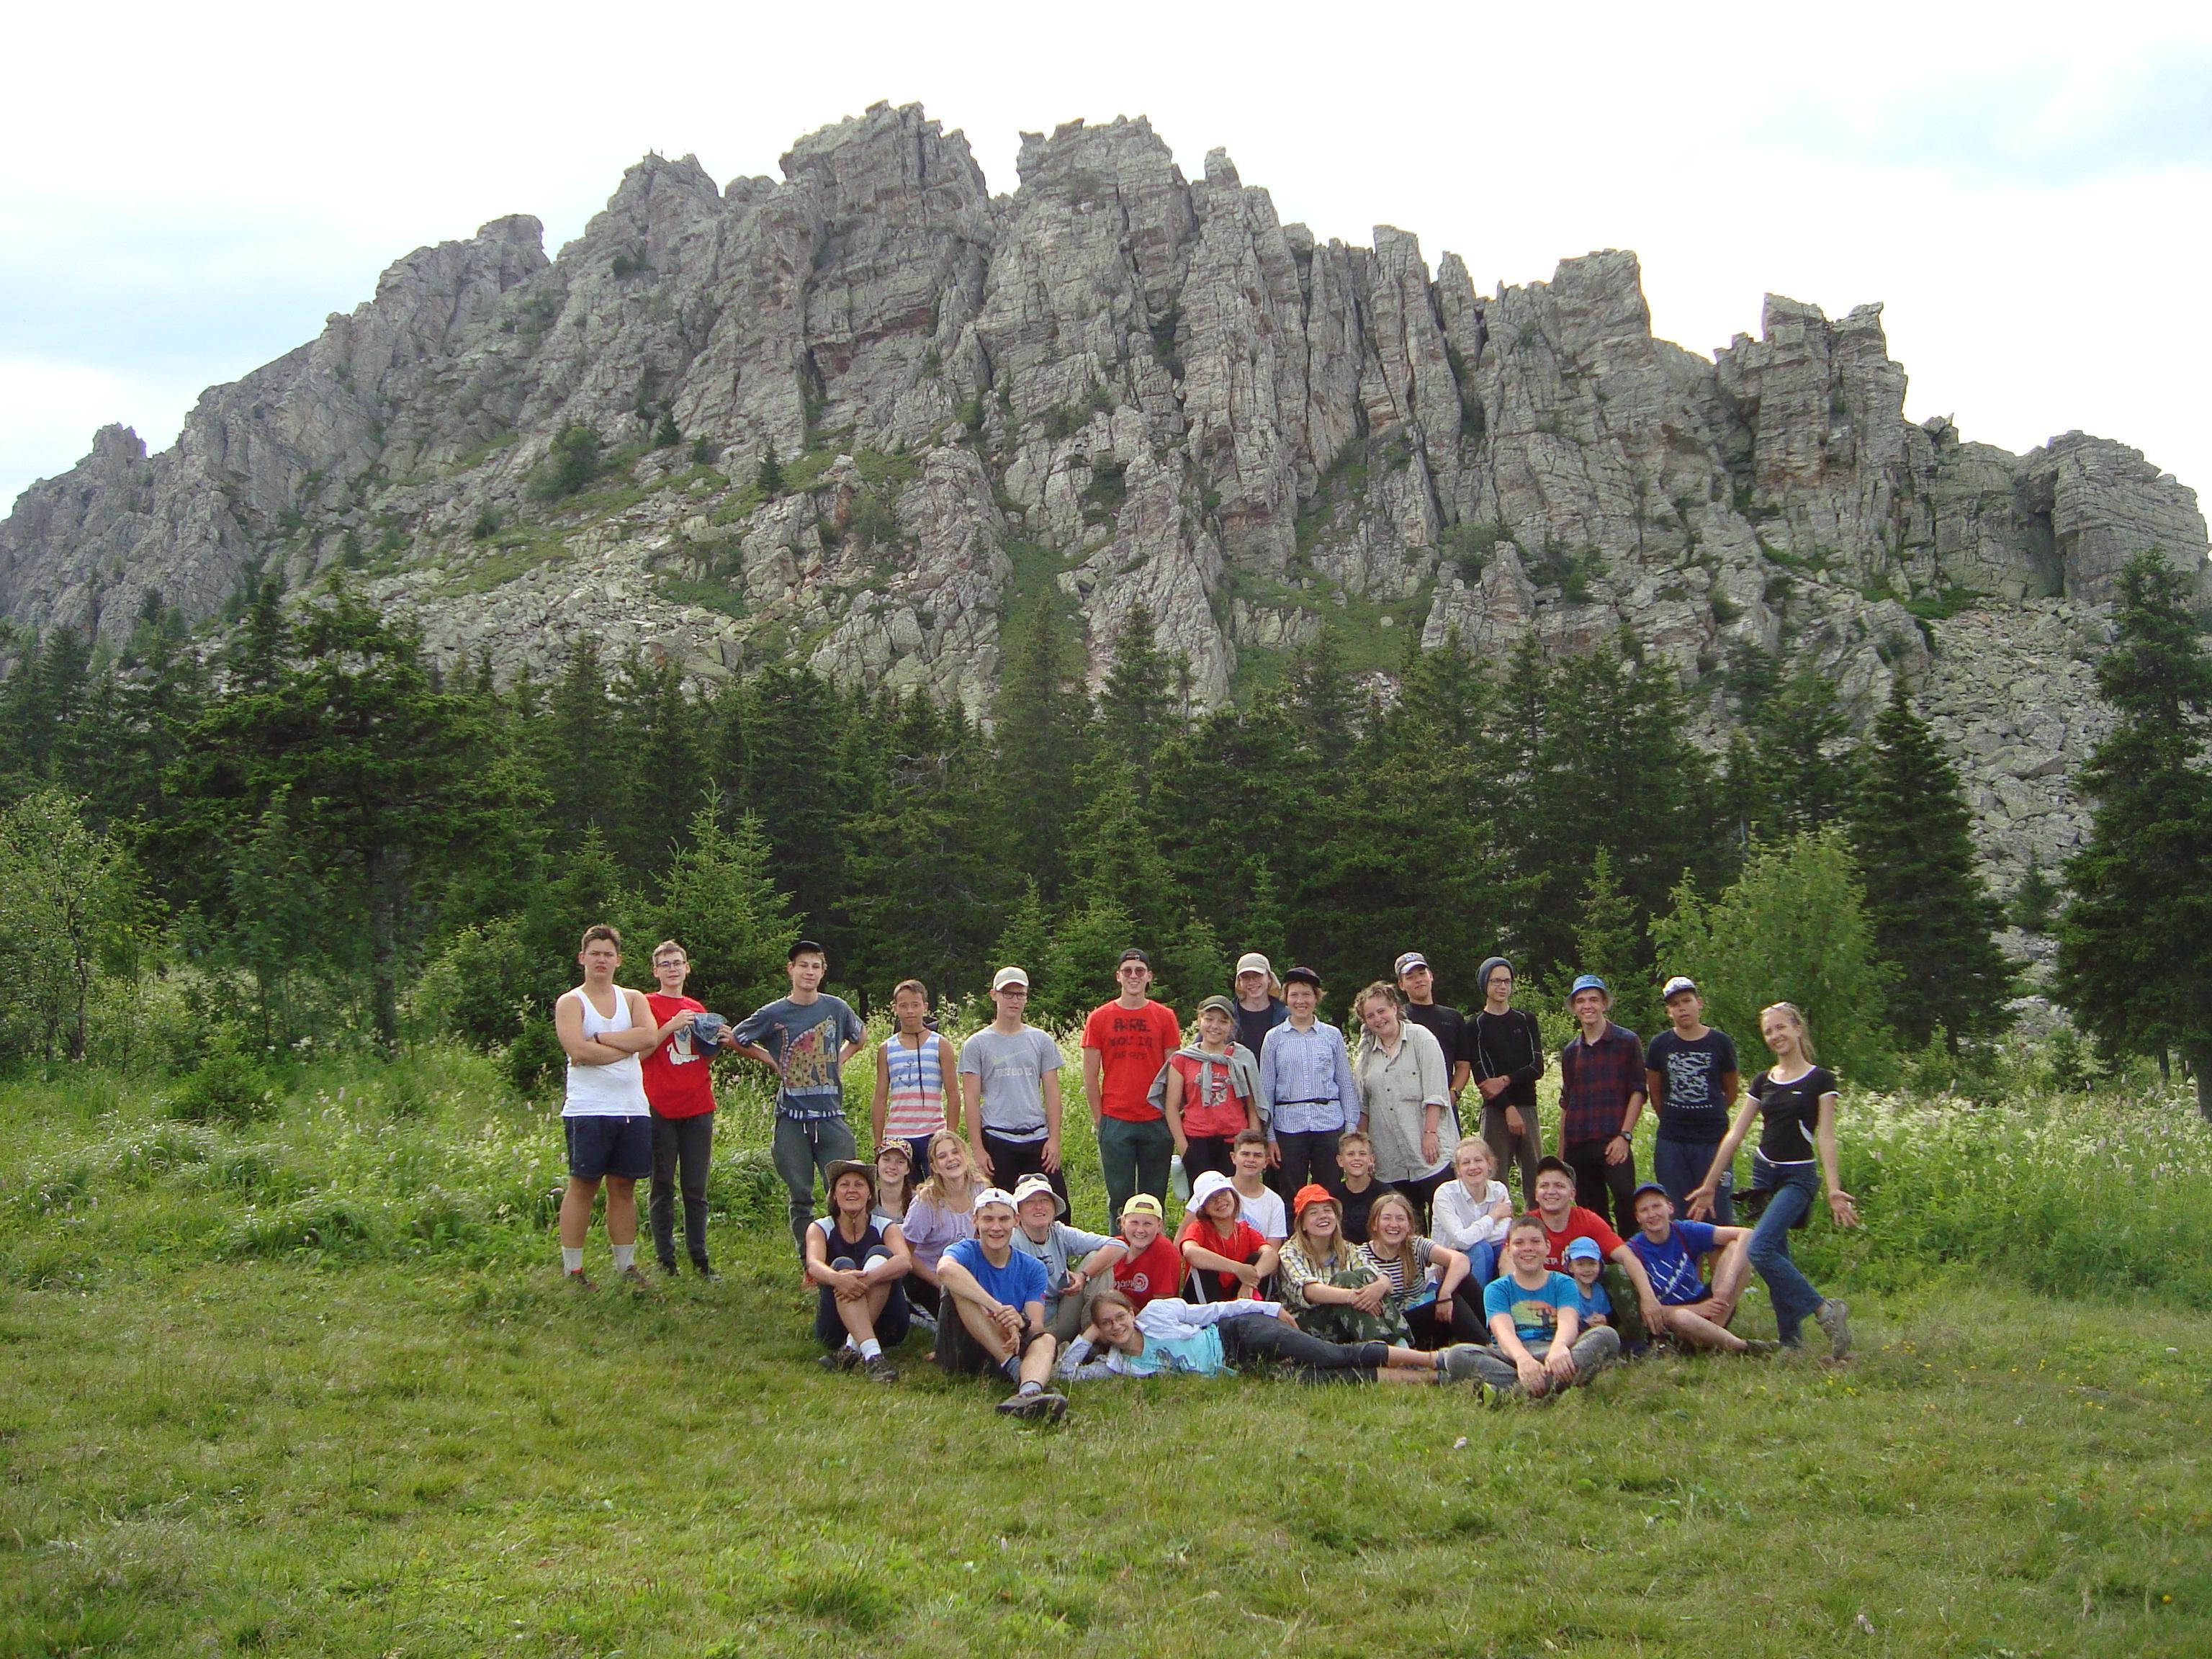 Отчет о пешем туристском маршруте  I категории сложности по национальному парку Таганай,  Челябинская область